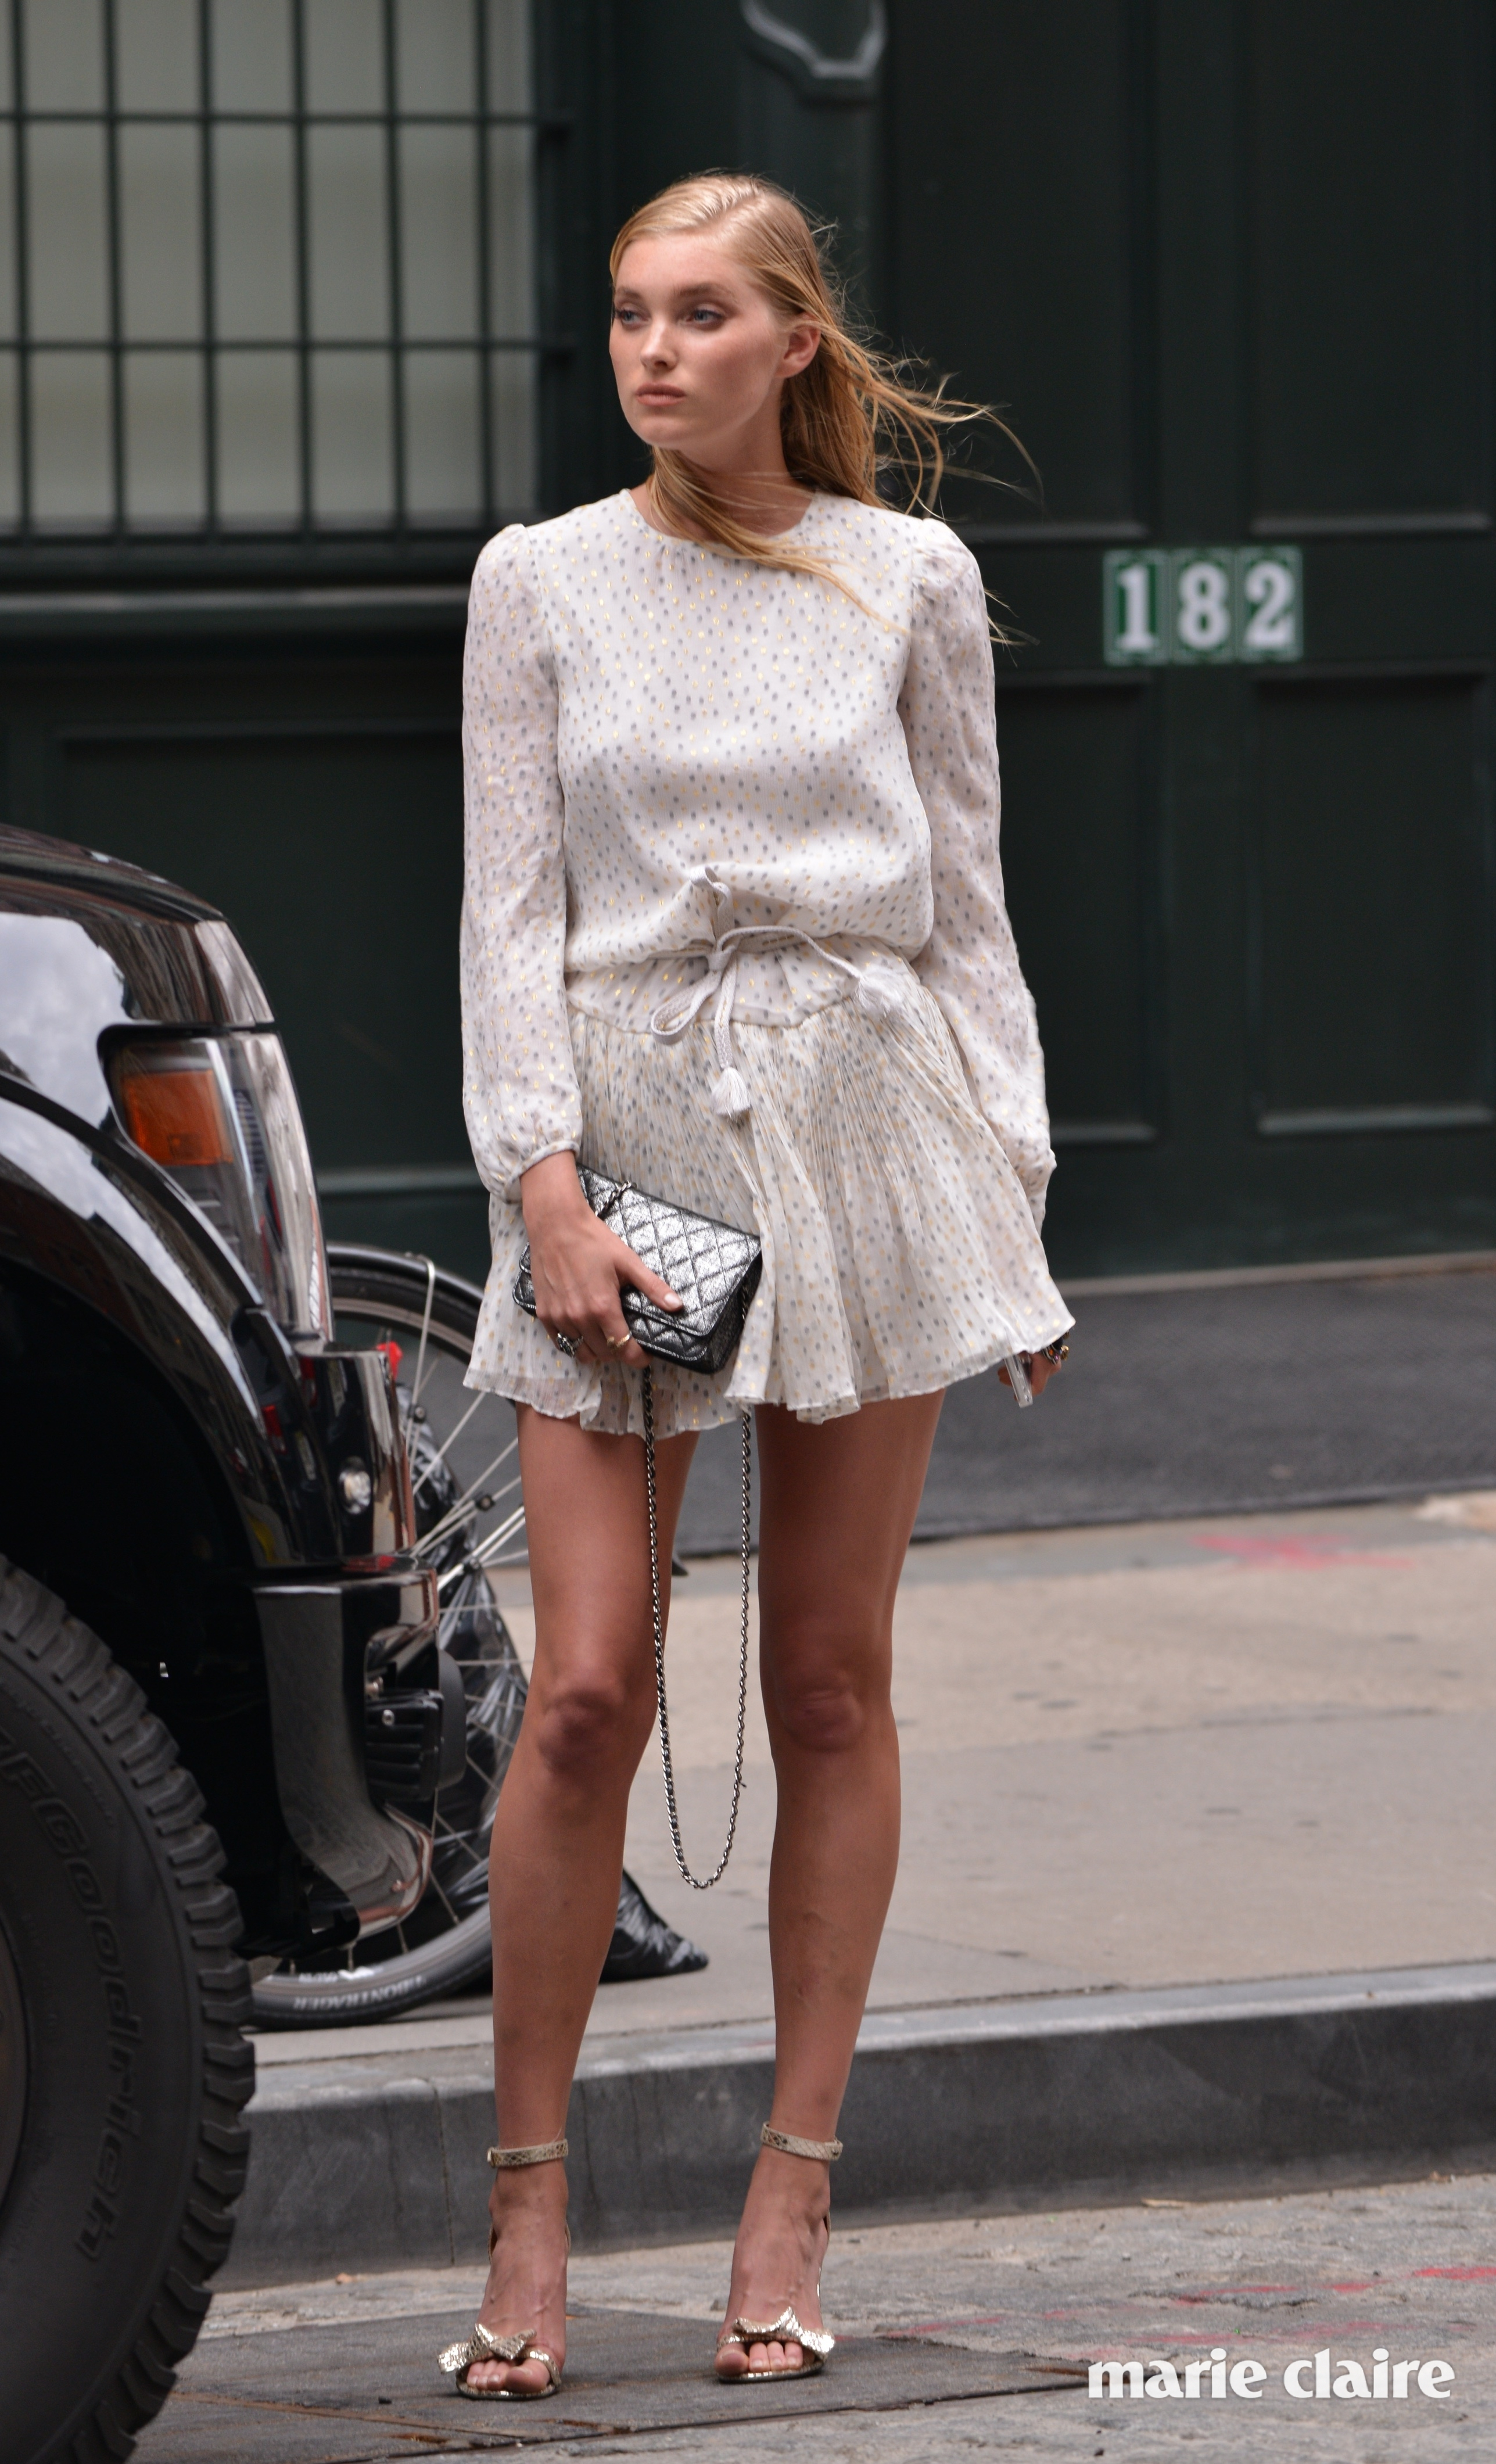 Elsa Hosk wearing a short dress in Tribeca